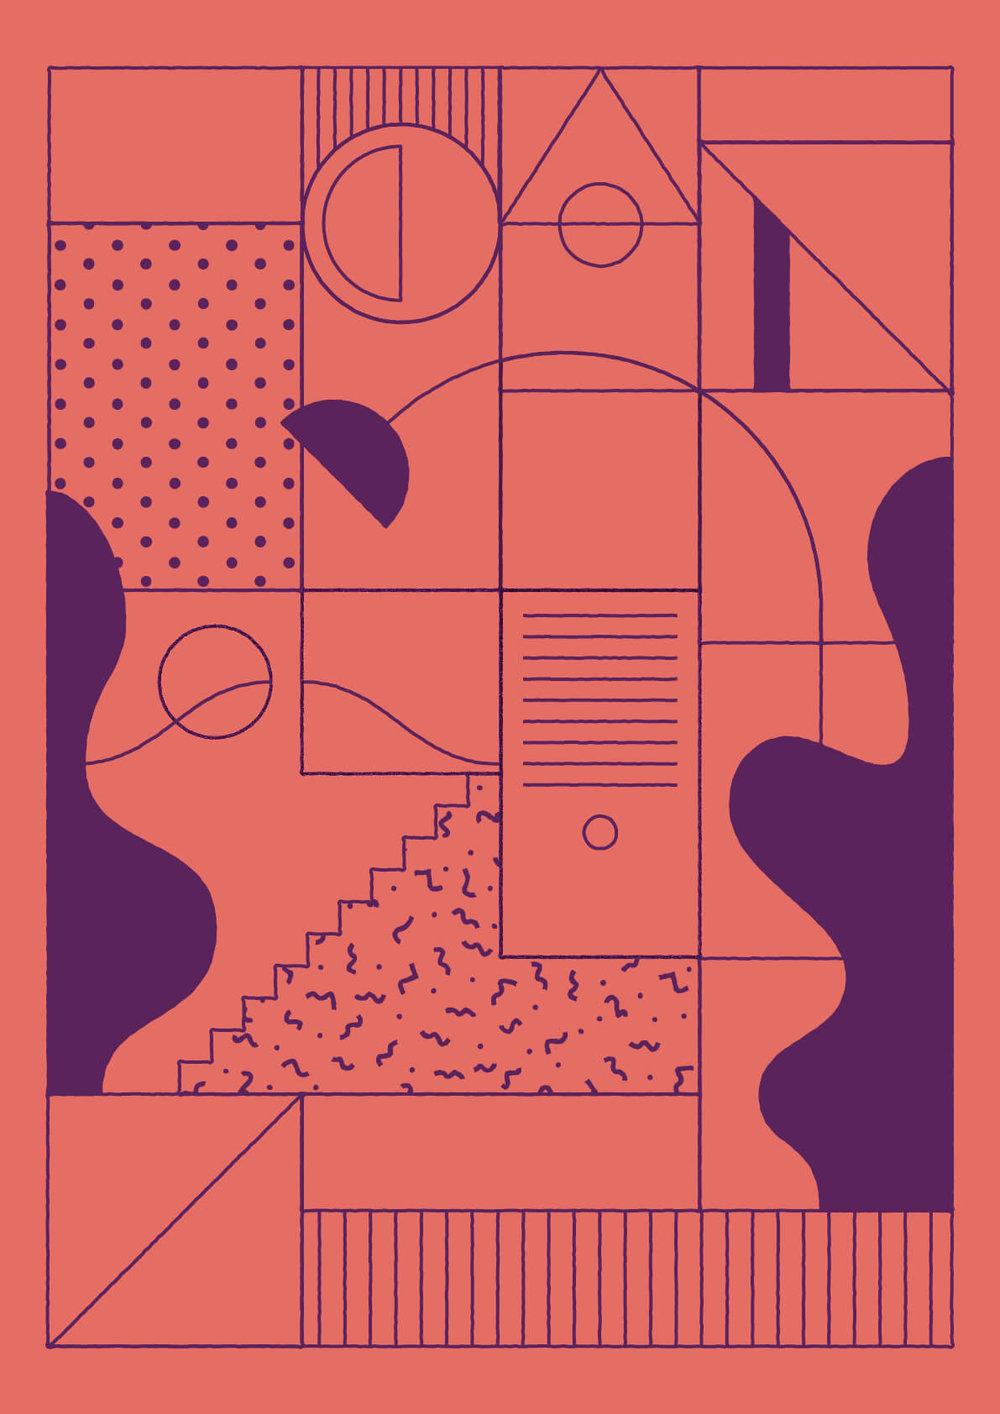 Timo-Kuilder-illustration-goodfromyou-15.jpg